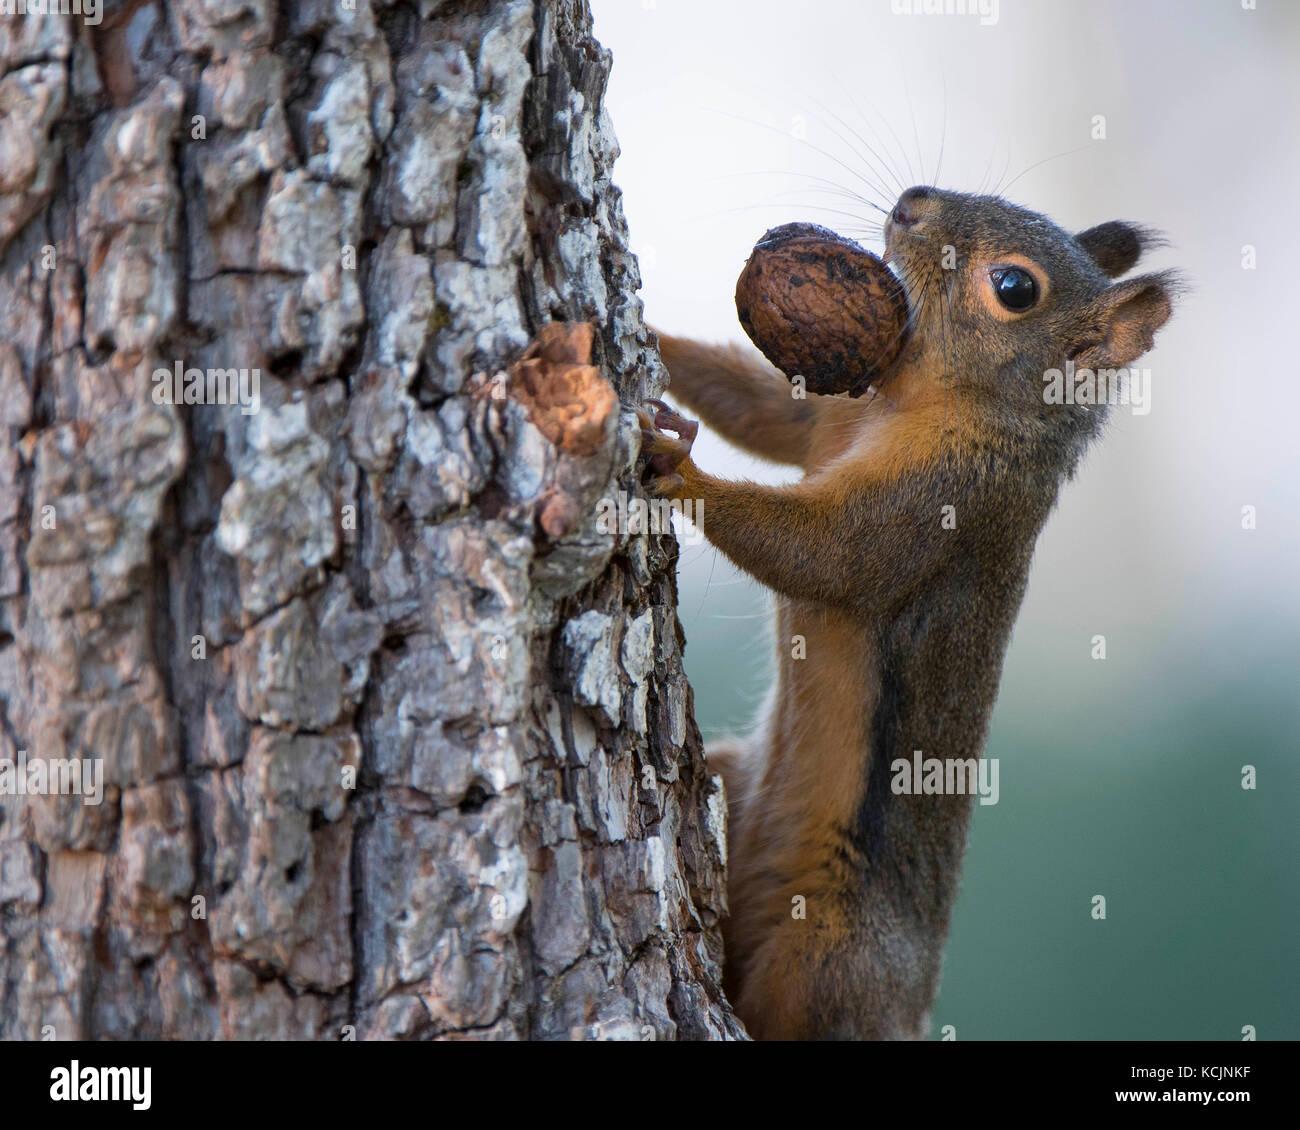 Hemlock Cones Stockfotos & Hemlock Cones Bilder - Alamy